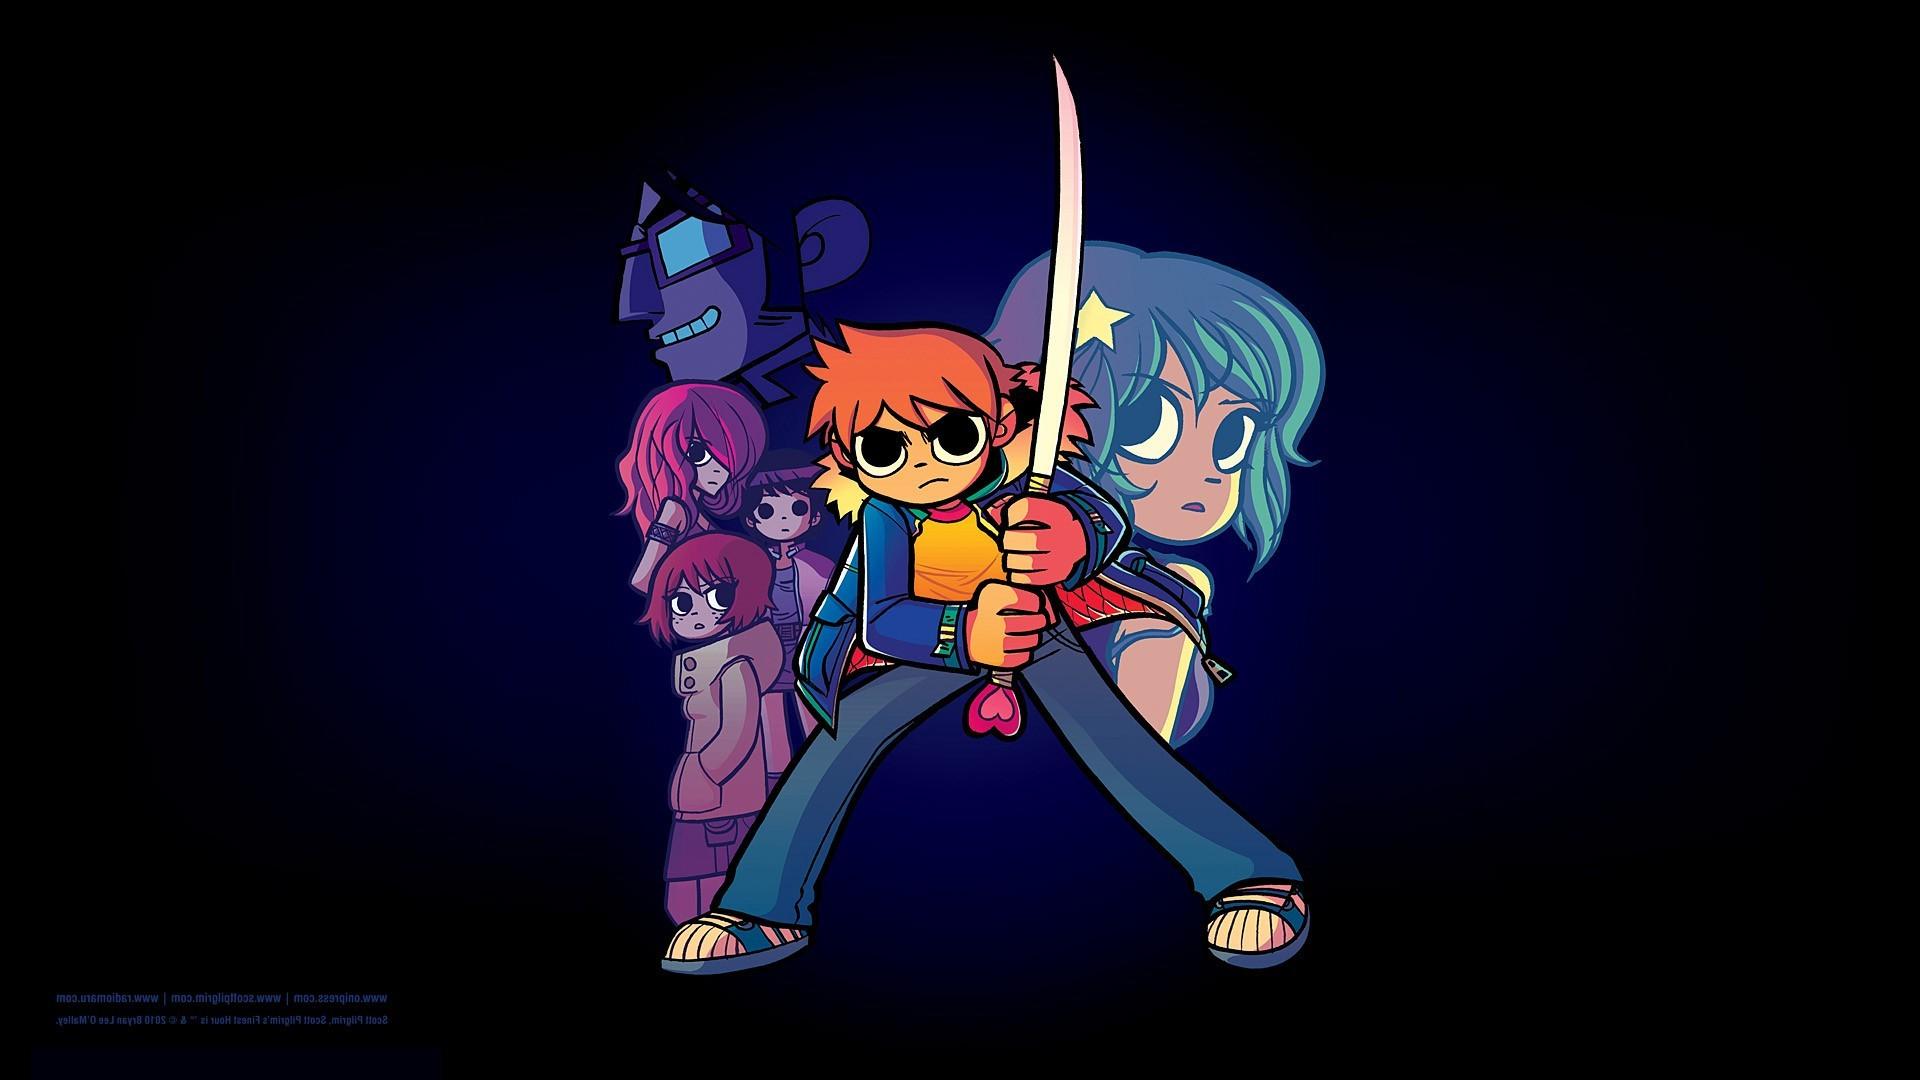 Fondos De Pantalla Ilustración Anime Dibujos Animados